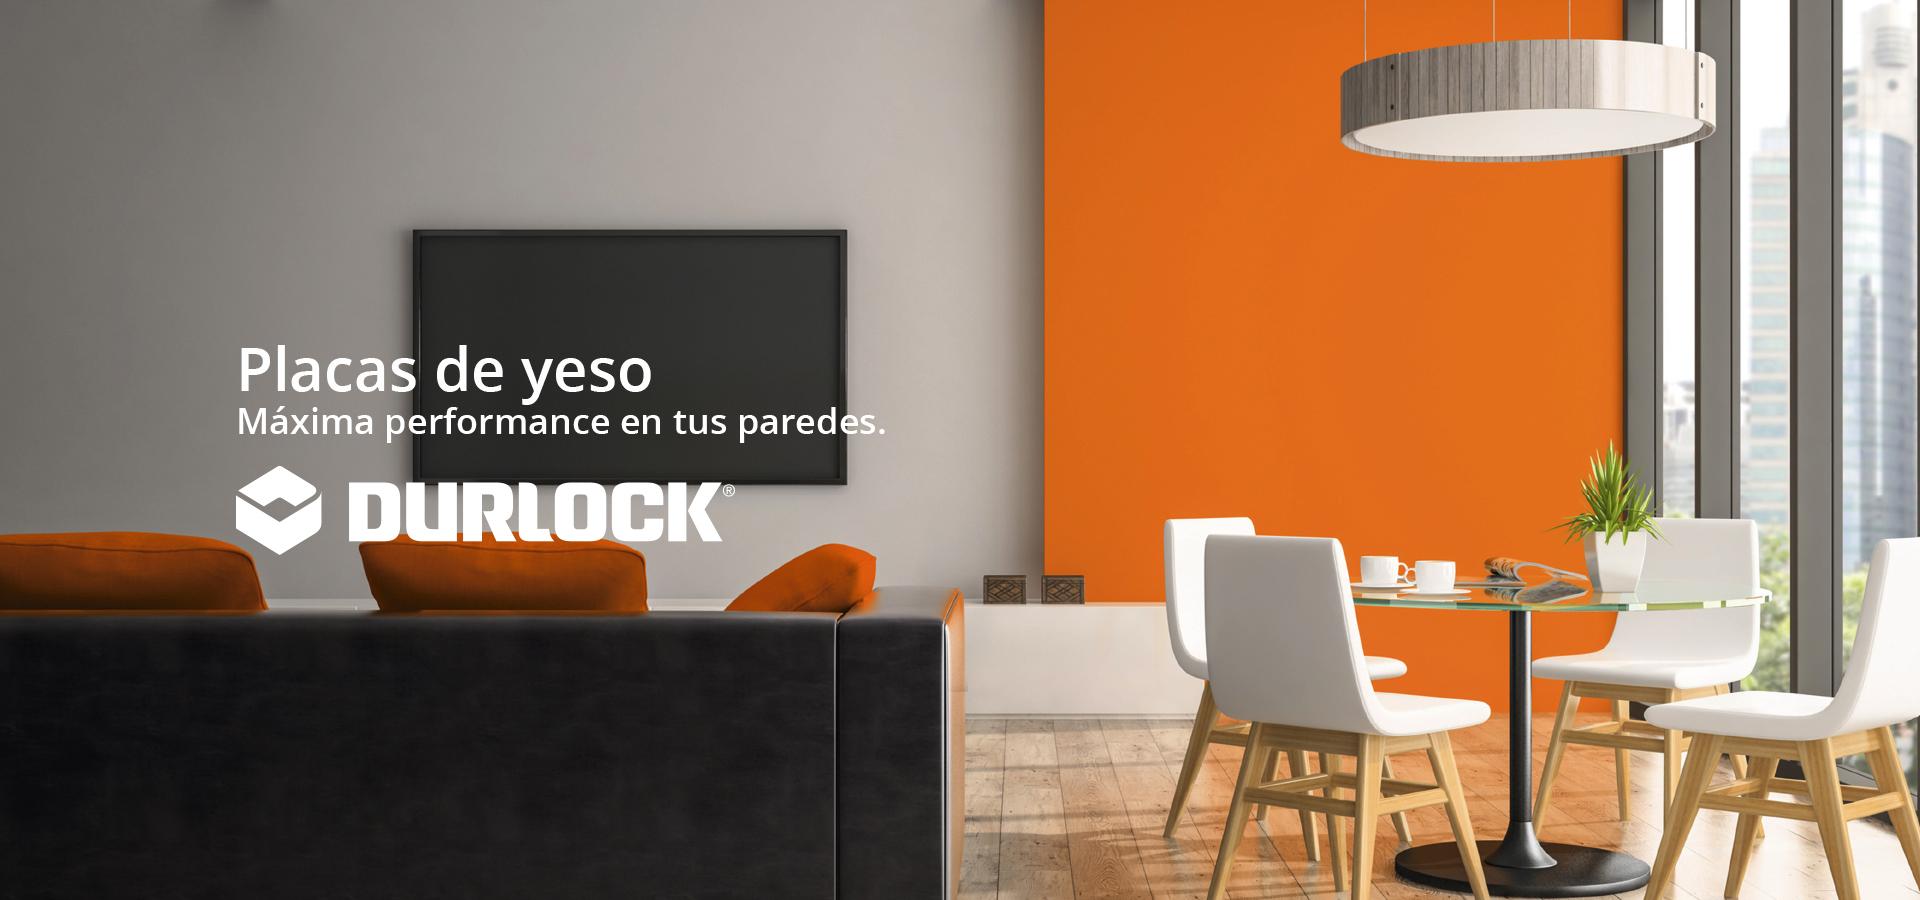 Maderera higuey materiales de yeser a construcci n en for Imagenes de cielorrasos